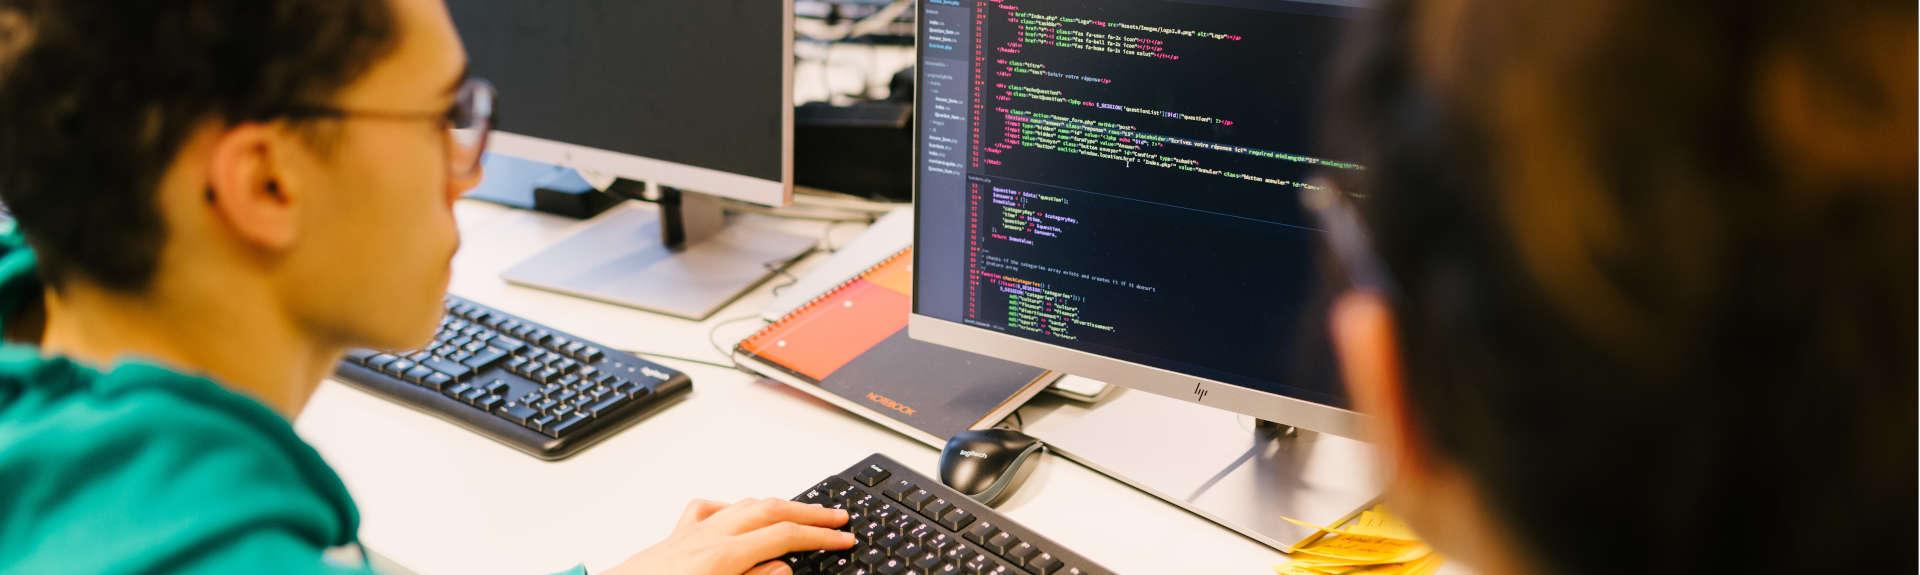 header - etudiant numerique en train de coder sur un ordinateur